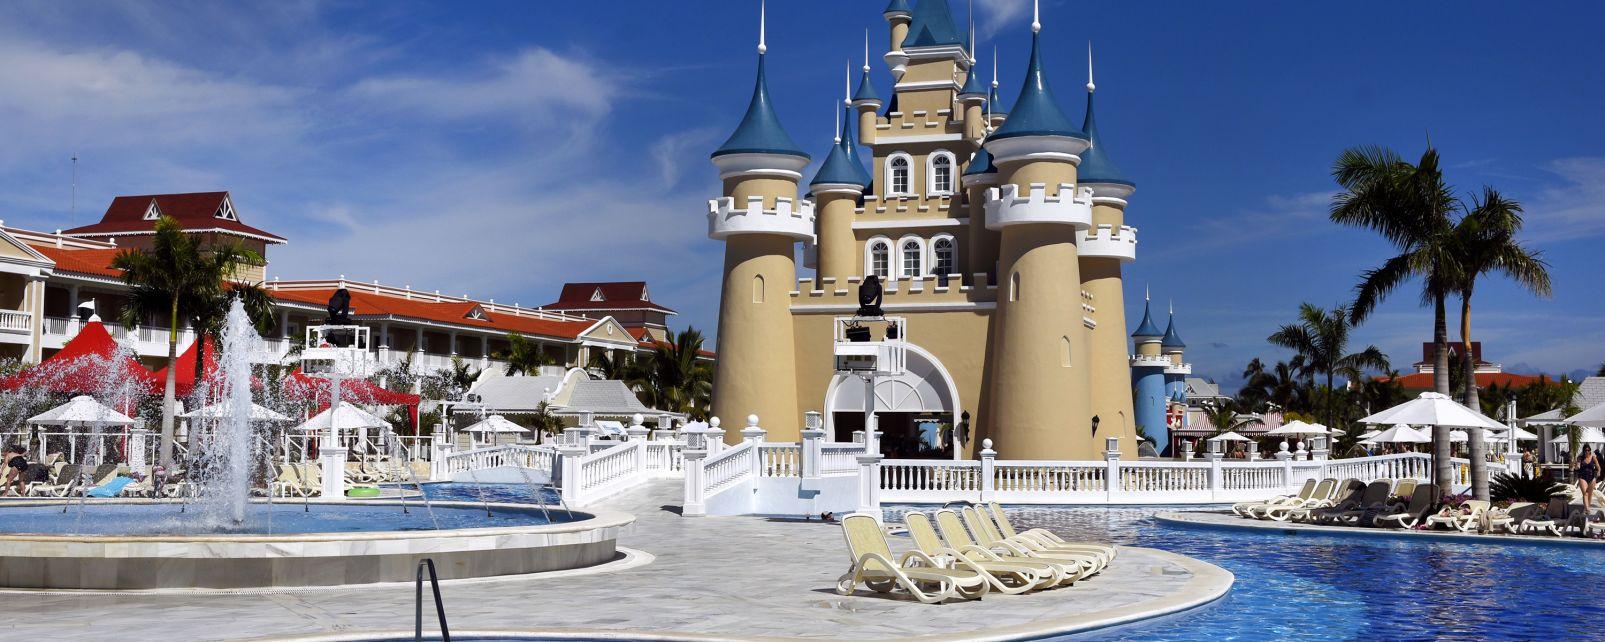 Hôtel Fantasia Bahia Principe Punta Cana